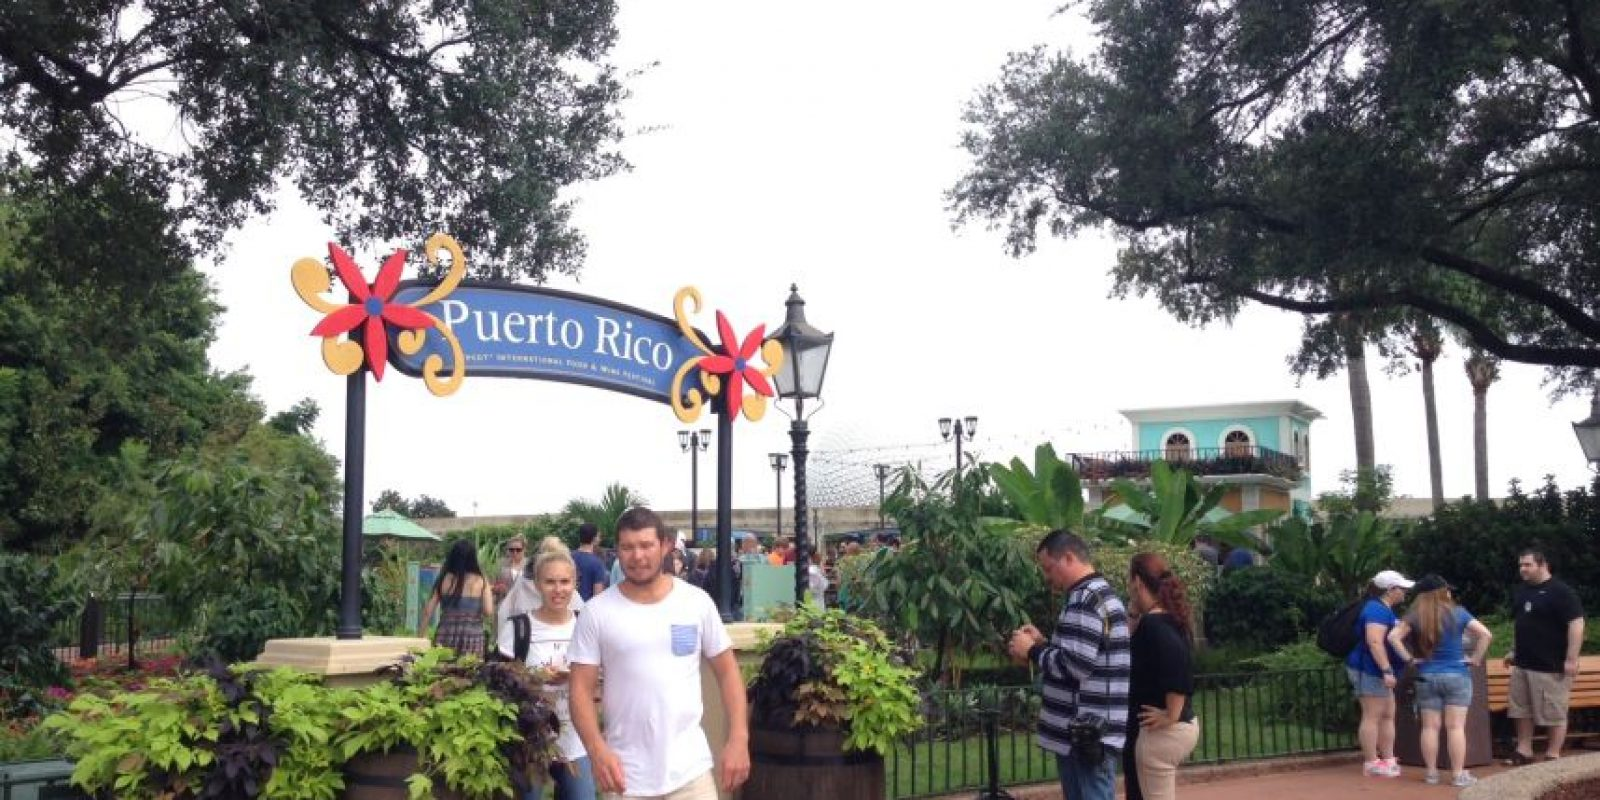 Foto:Cindy Burgos/ Metro Puerto Rico. Imagen Por: